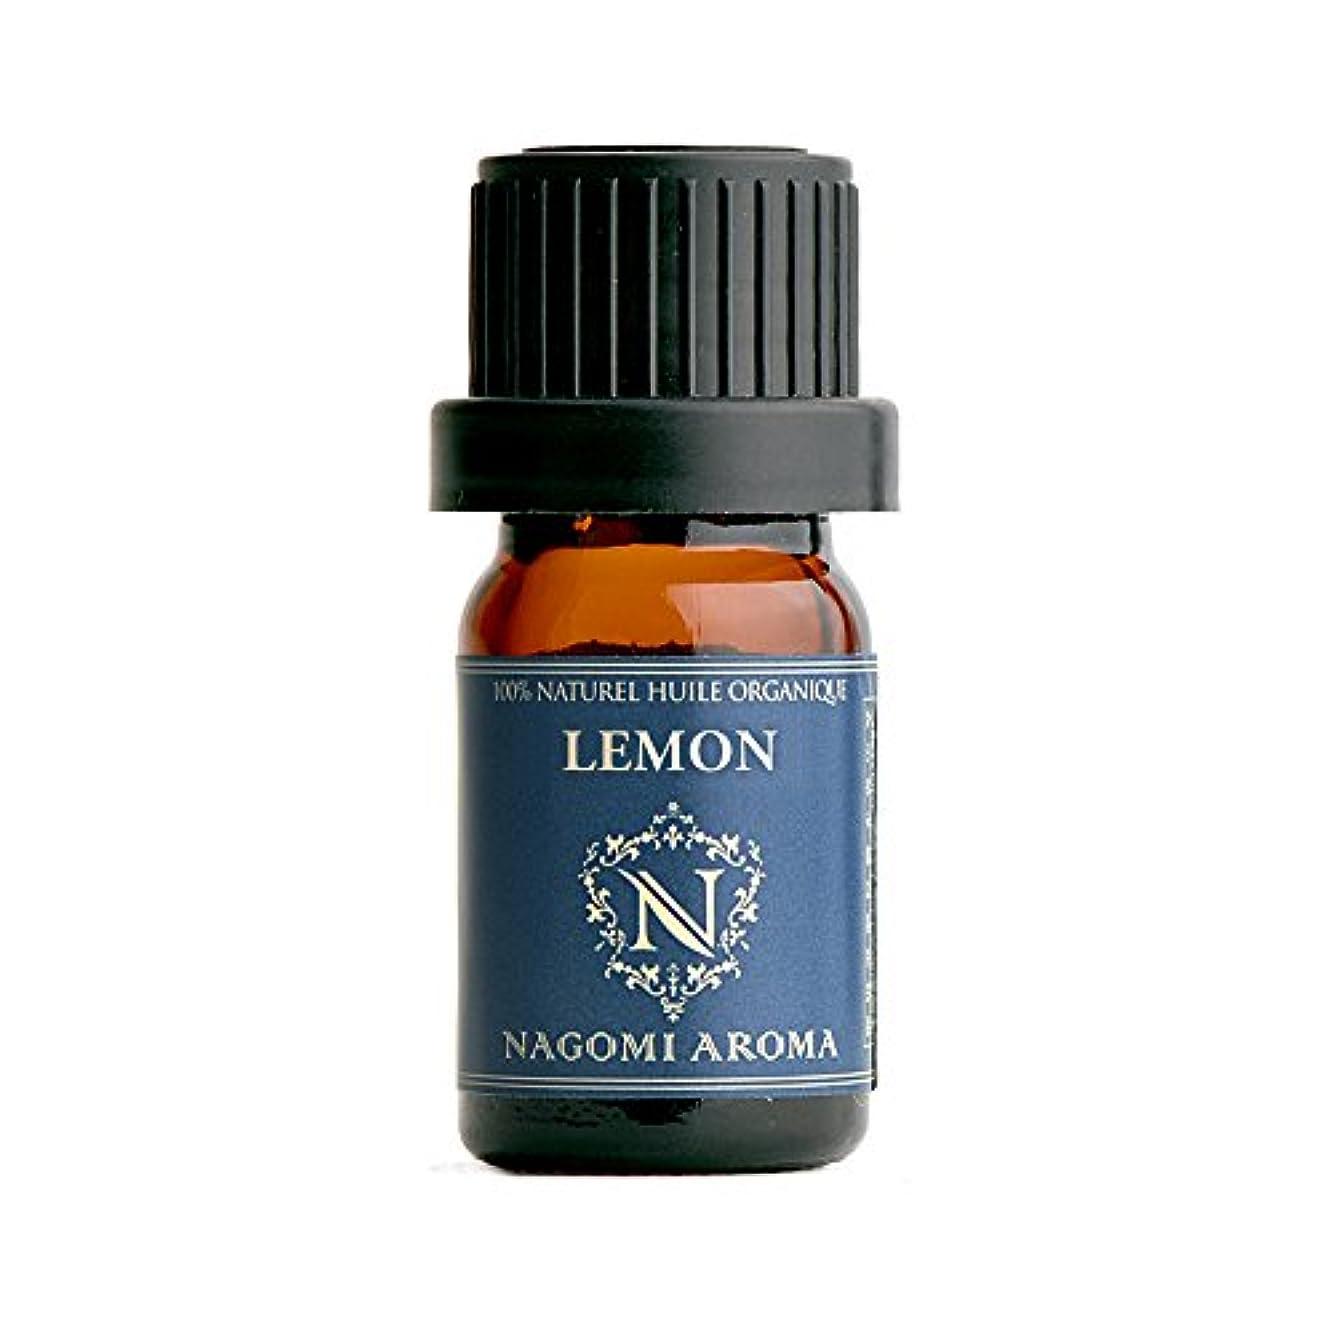 時計回り牧師伝染病NAGOMI AROMA オーガニック レモン 5ml 【AEAJ認定精油】【アロマオイル】